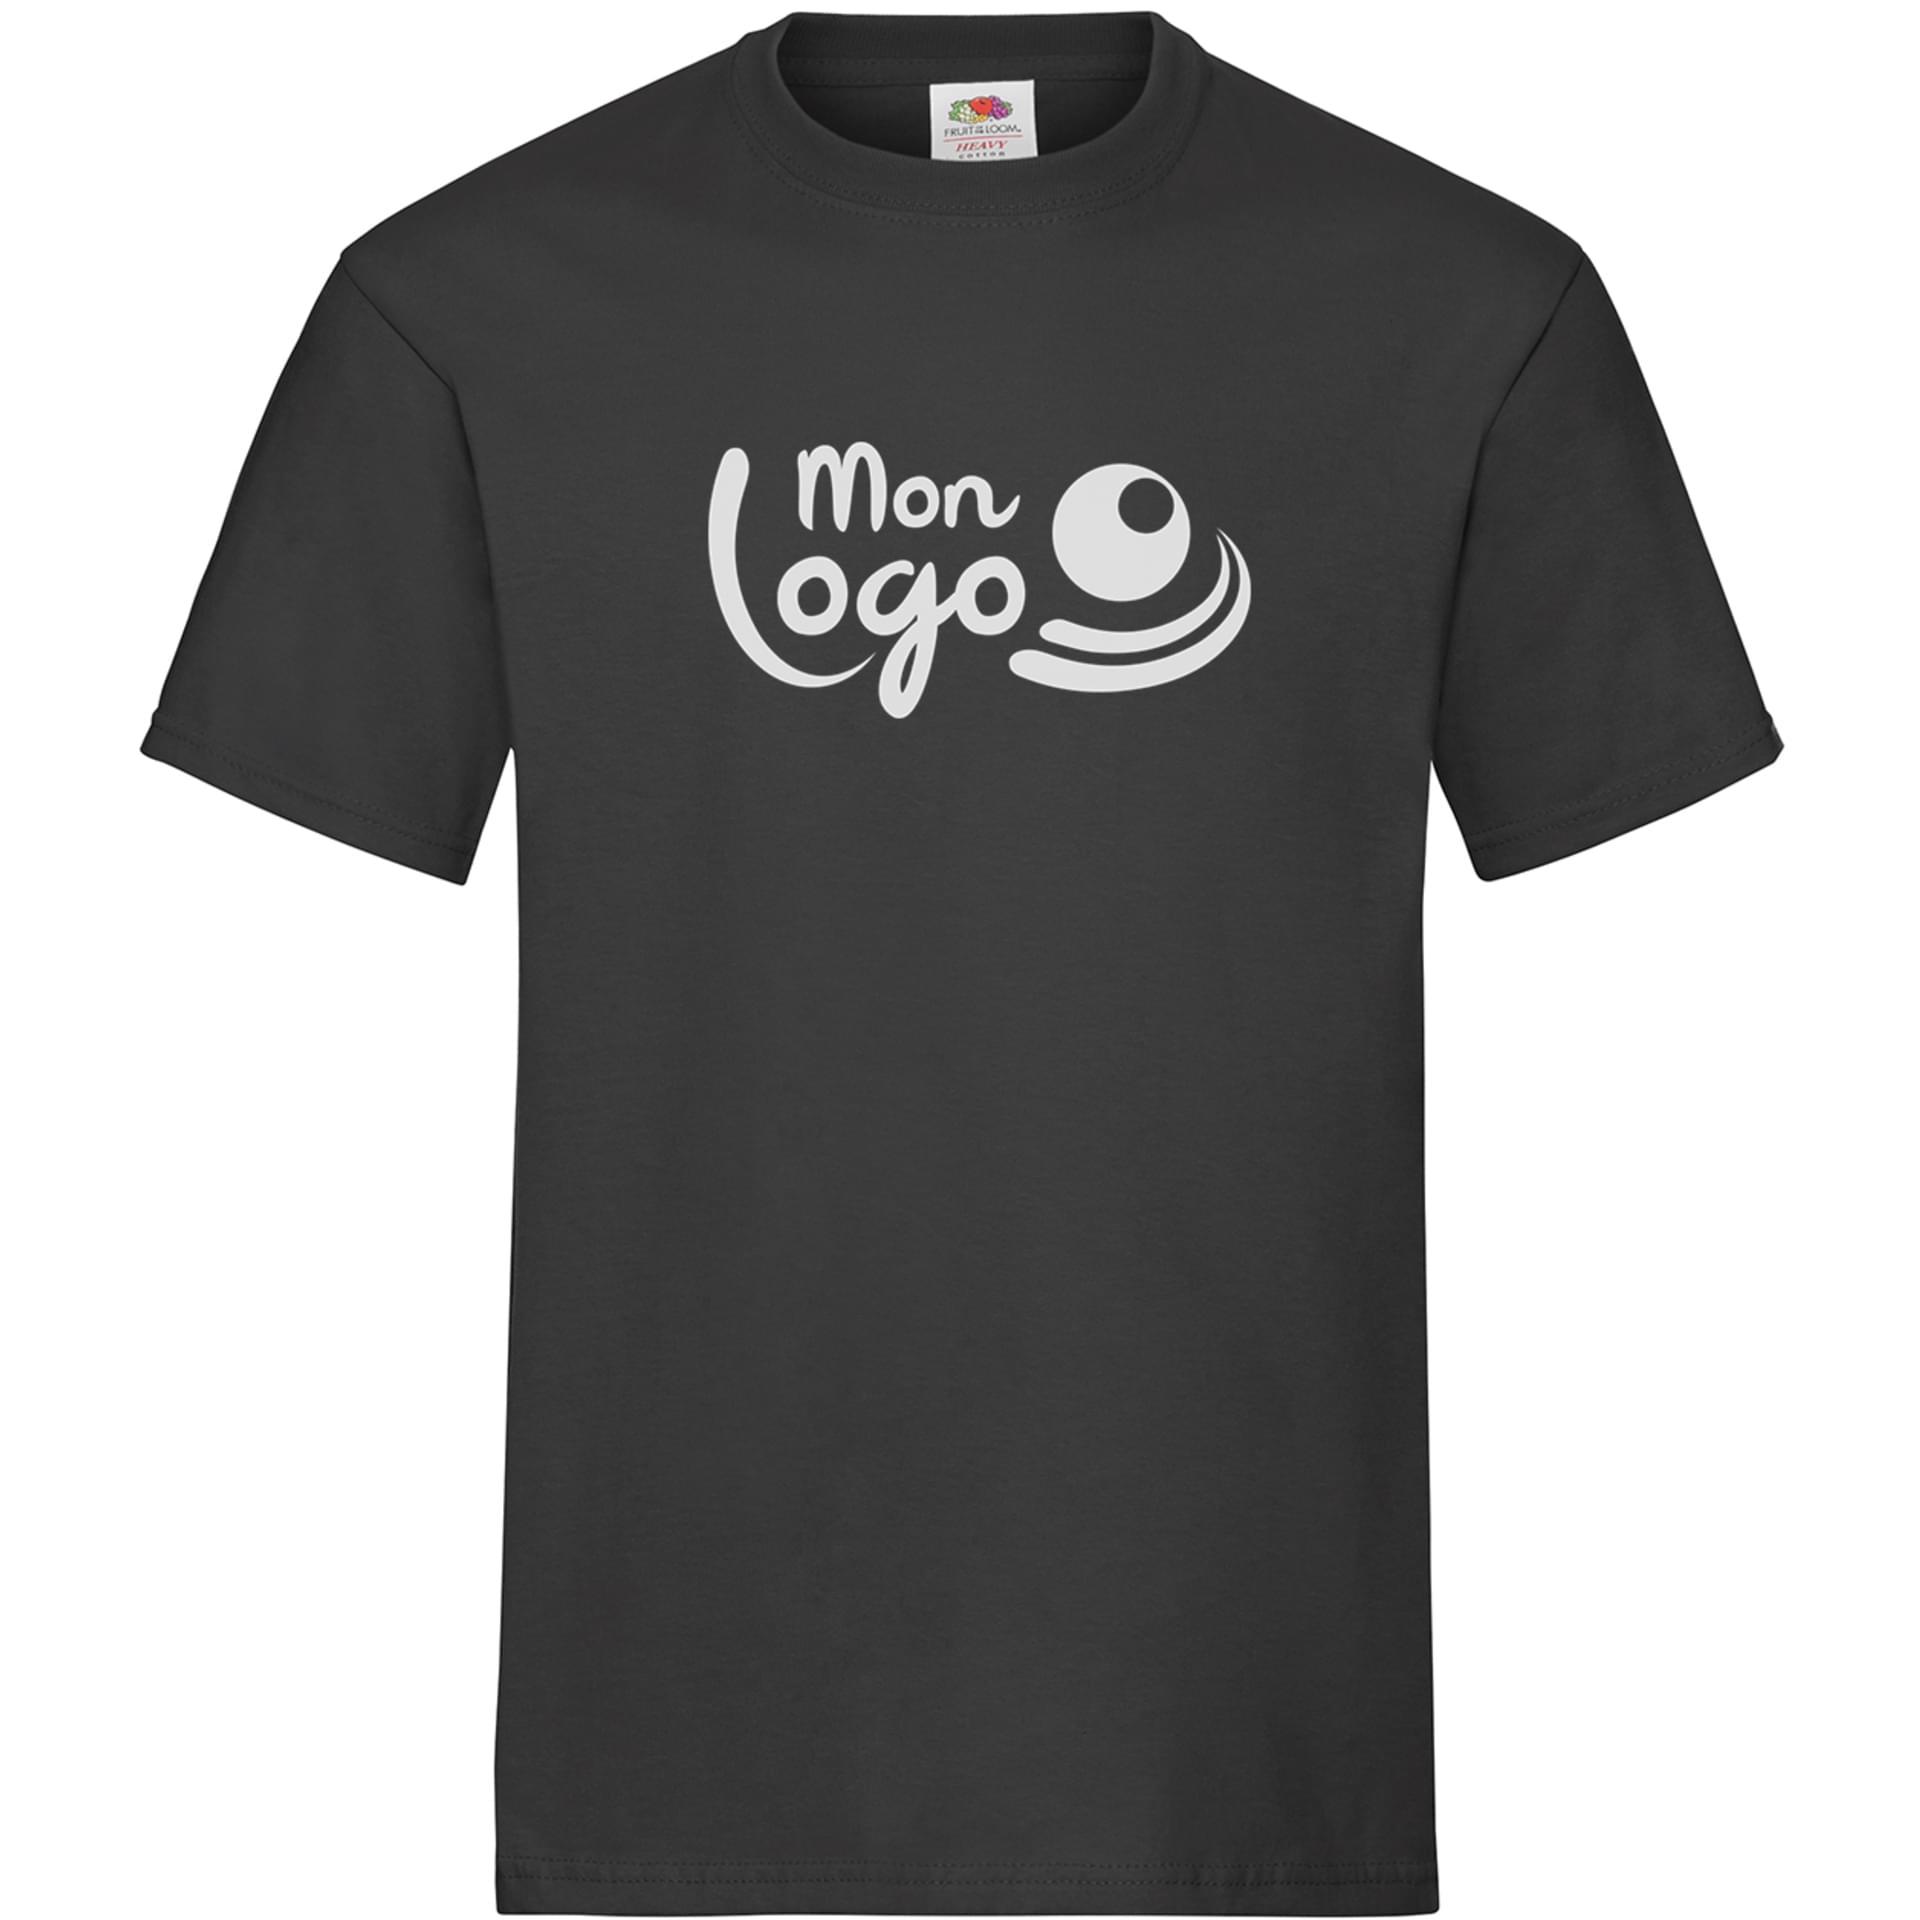 Tee-shirt personnalisé Heavy Cotton T fruit